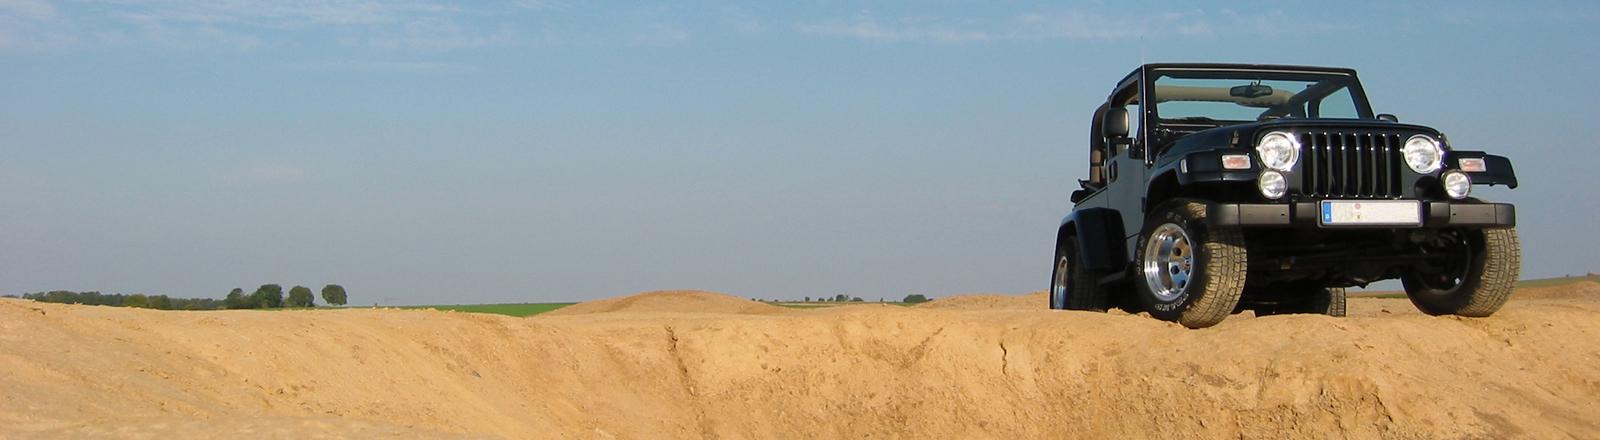 Ein Jeep auf einer Sanddüne